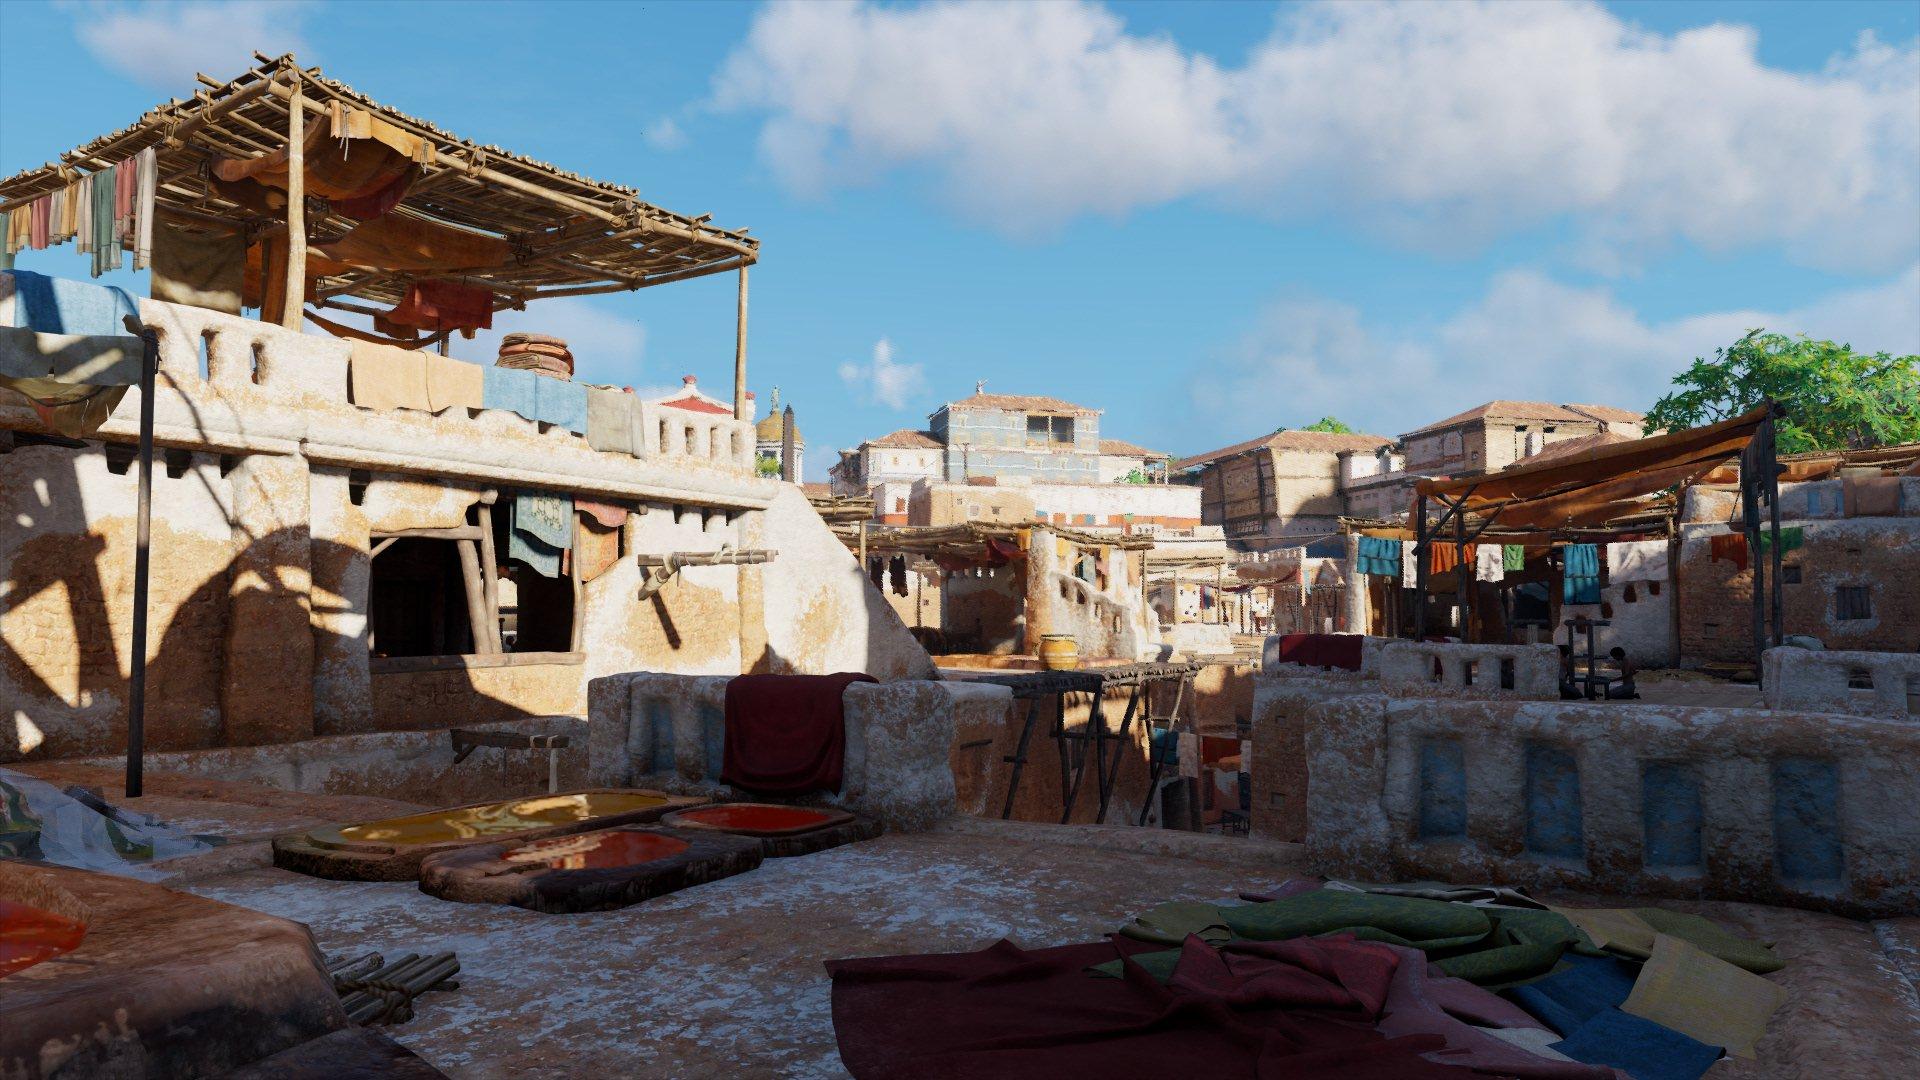 Ob dreckige Wäsche, spielende Kinder oder eine Färberei auf dem Dach: Oft sind die alltäglichen Szenen in Alexandria die, die am meisten faszinieren (Quelle: Assassin Creed: Origins, Ubisoft)